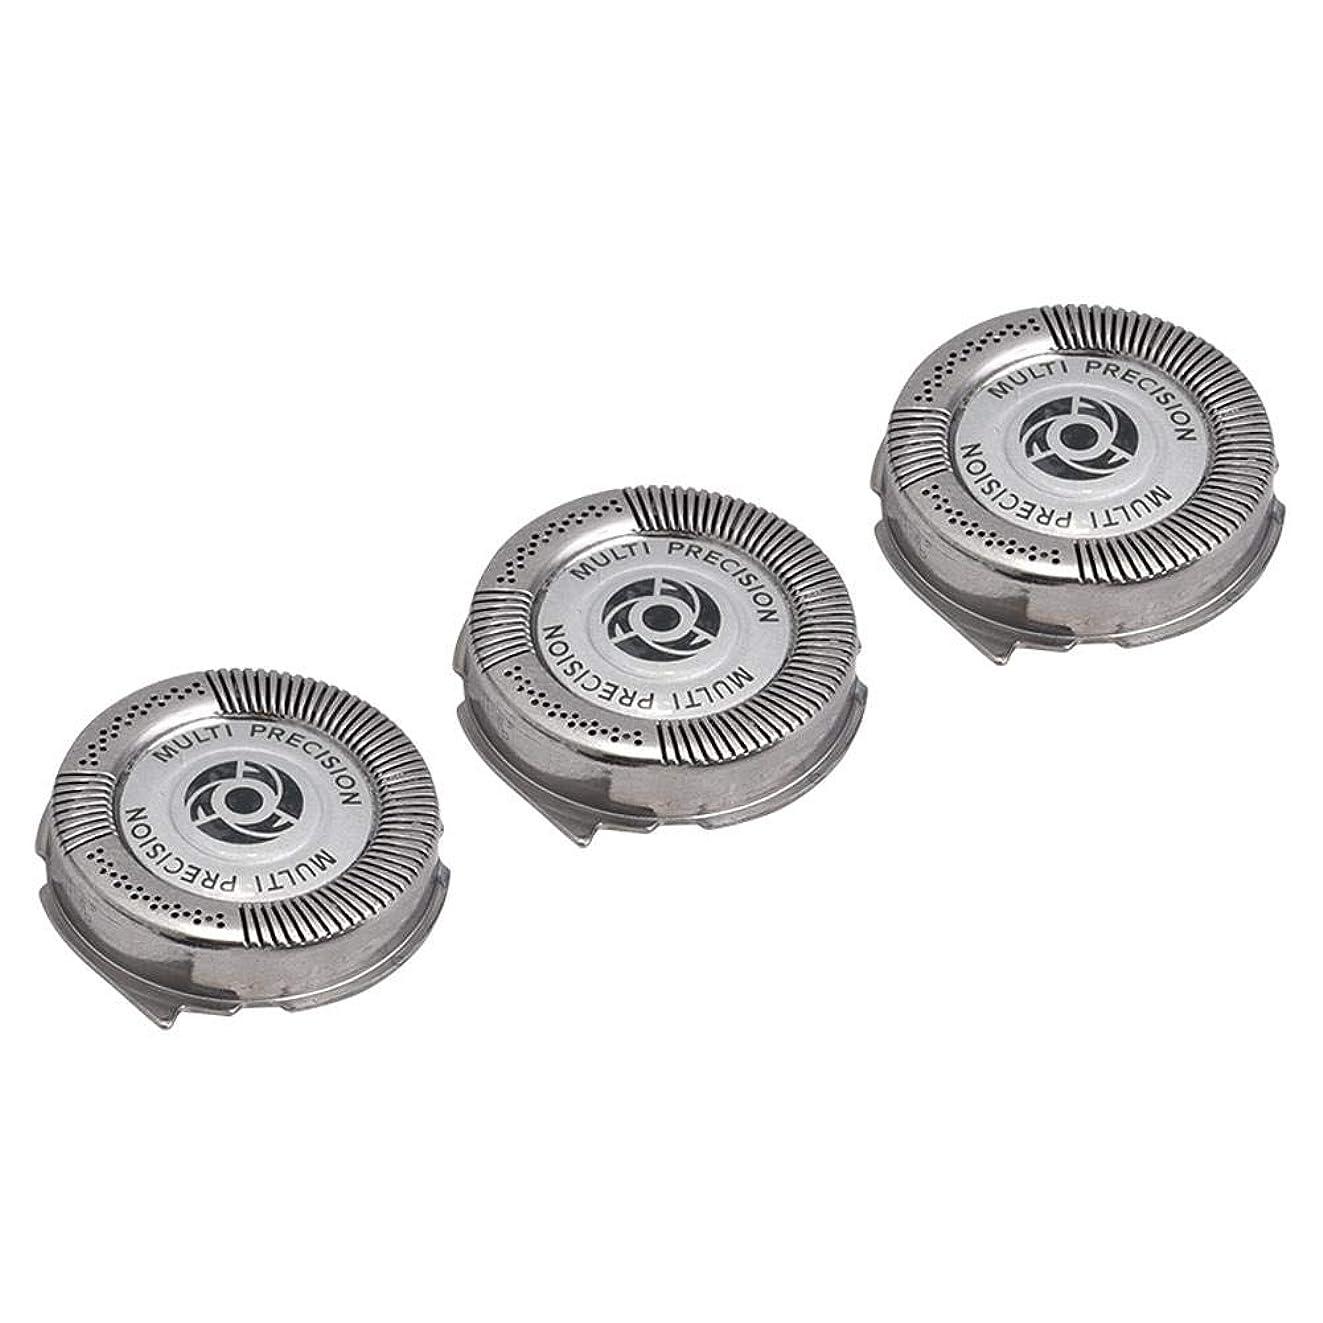 行動暖かさ時制シェービングヘッド交換用ブレードシステム フィリップス Norelcoシリーズ 5000 HQ8シェーバー用 シェーバー 替刃 交換ヘッド 3個